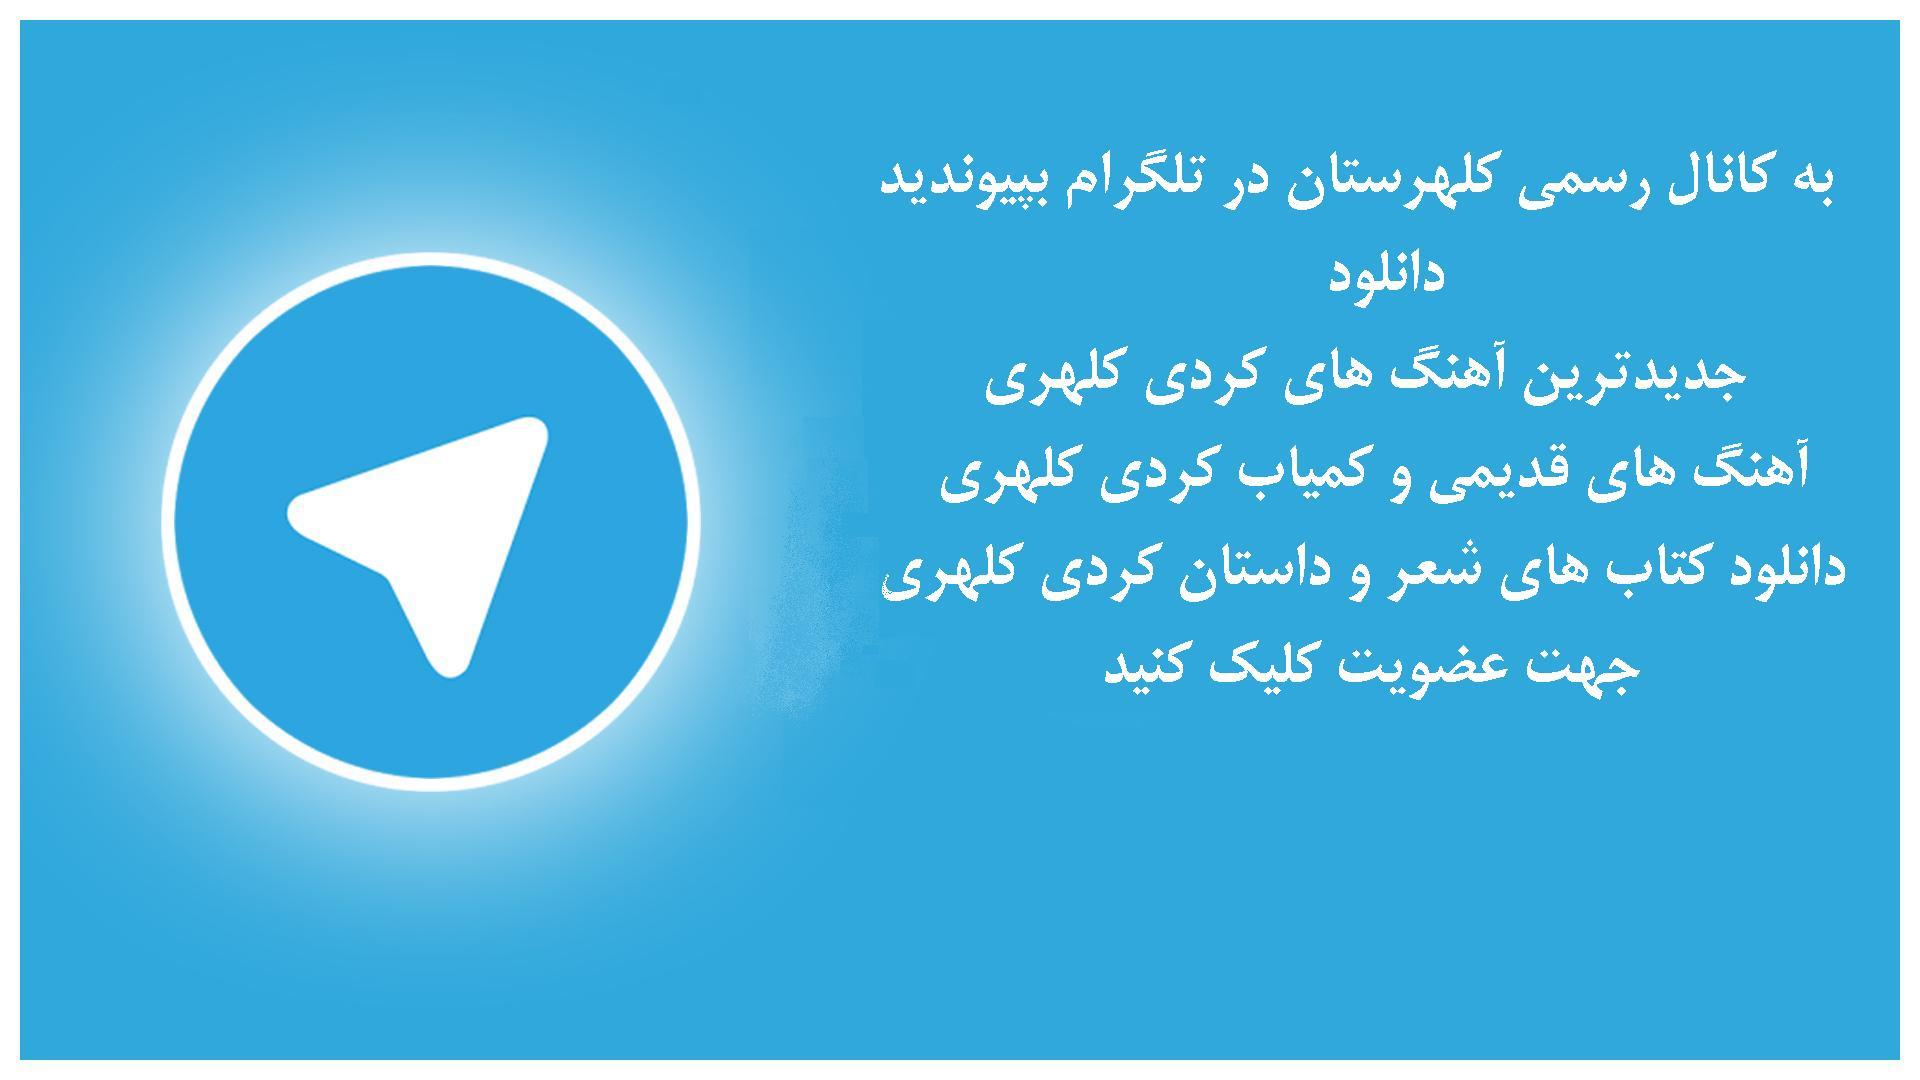 به کانال تلگرام کلهرستان بپیوندید